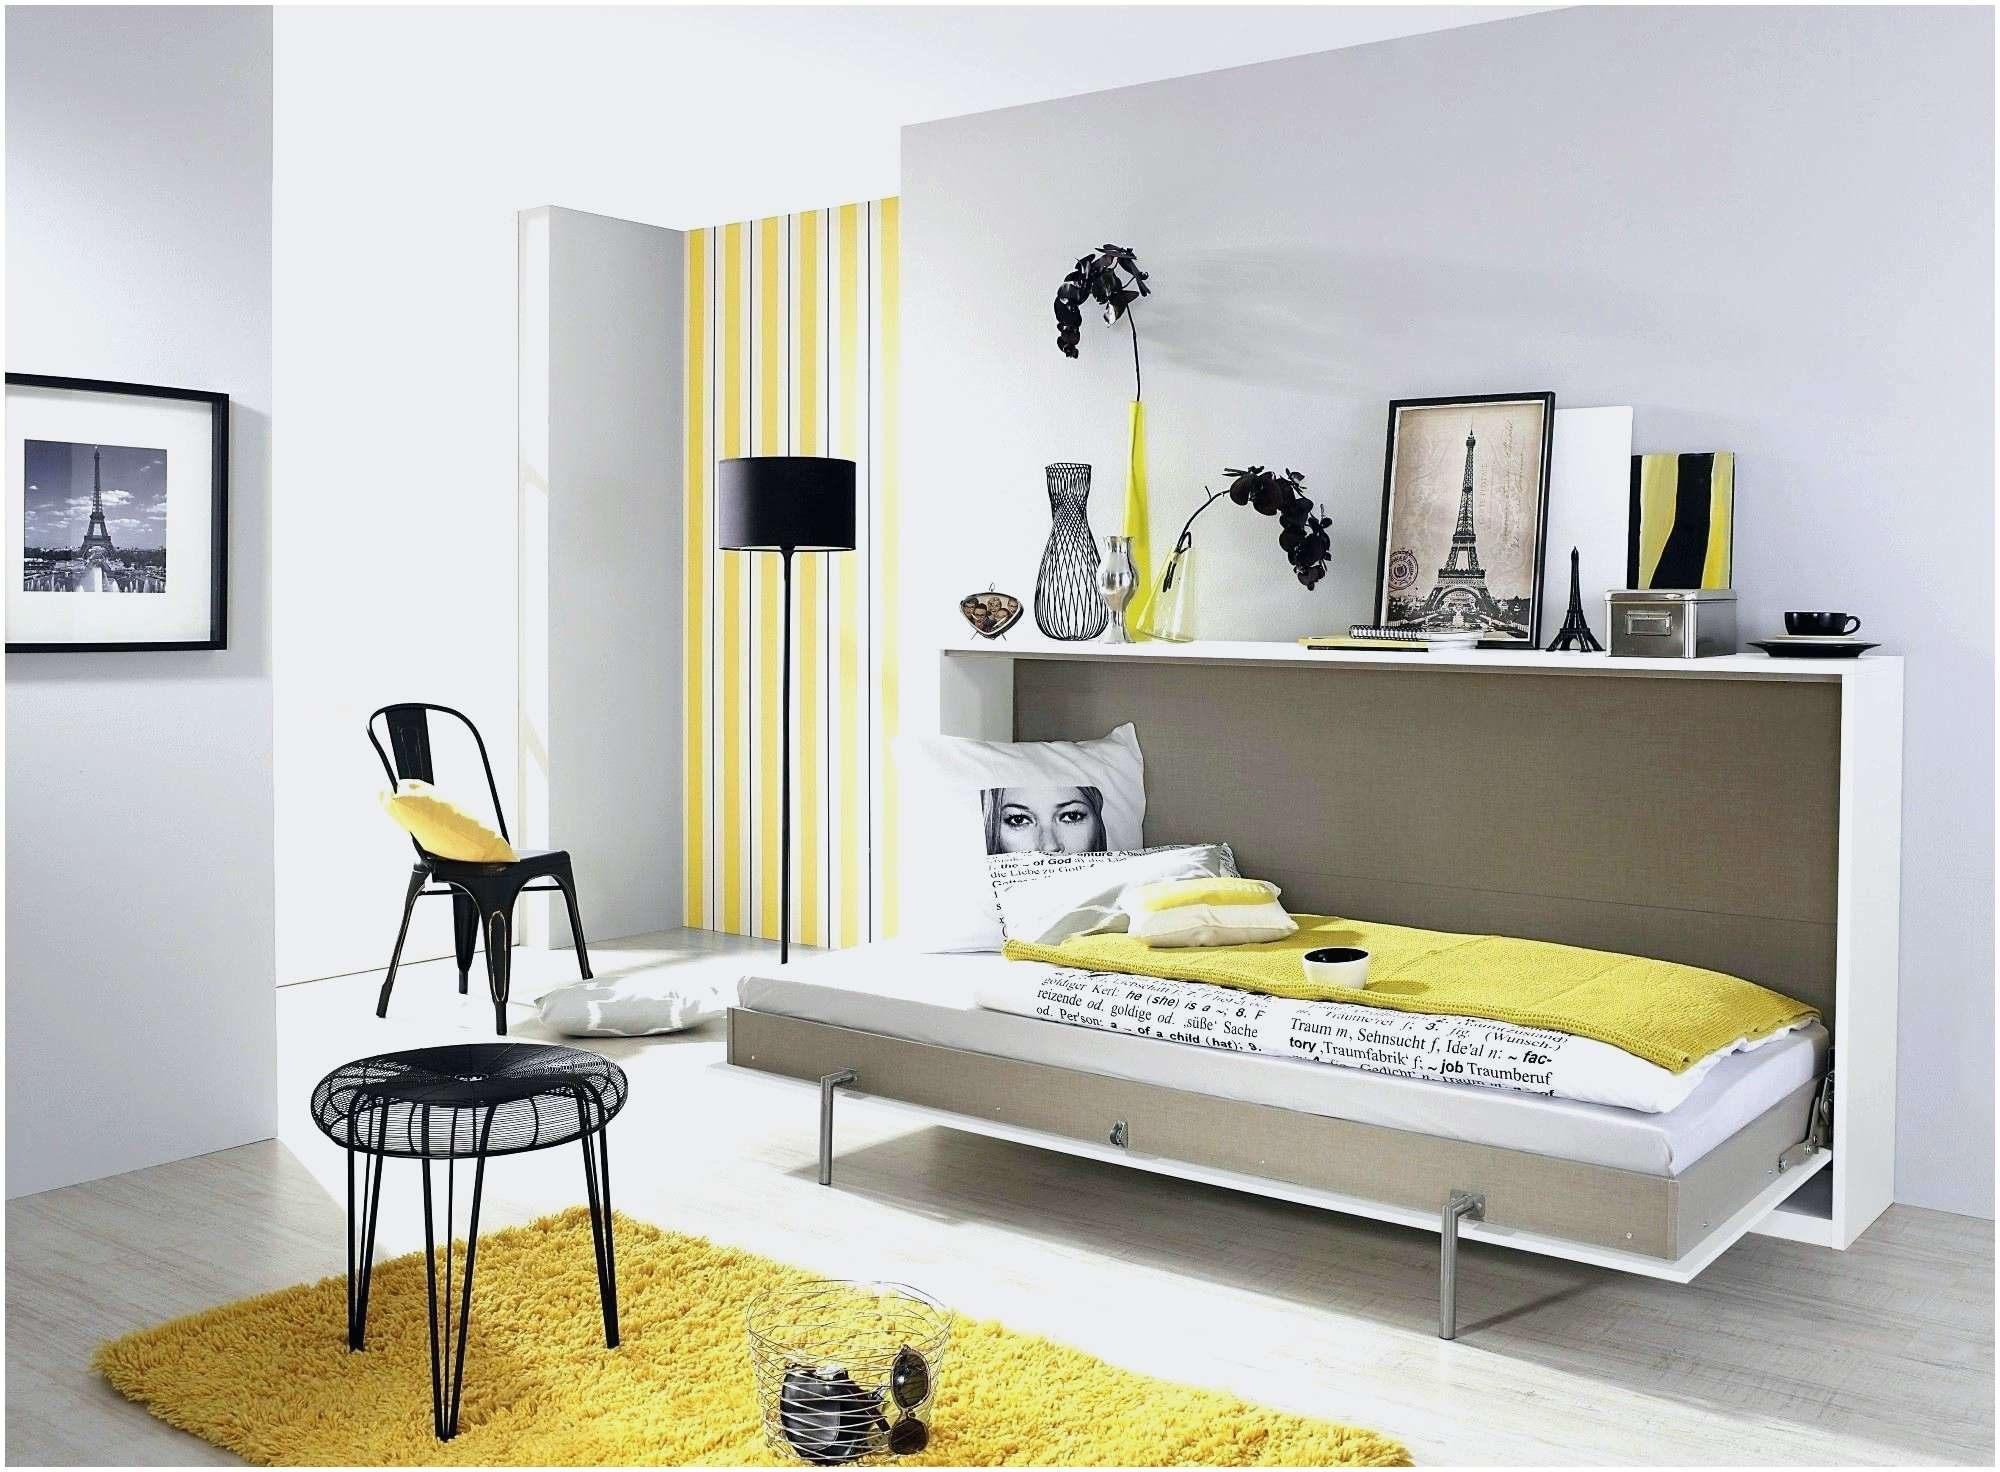 Parure De Lit Bebe 60×120 Le Luxe Luxe Couette 200—200 Carrefour Génial Parure De Lit Blanche